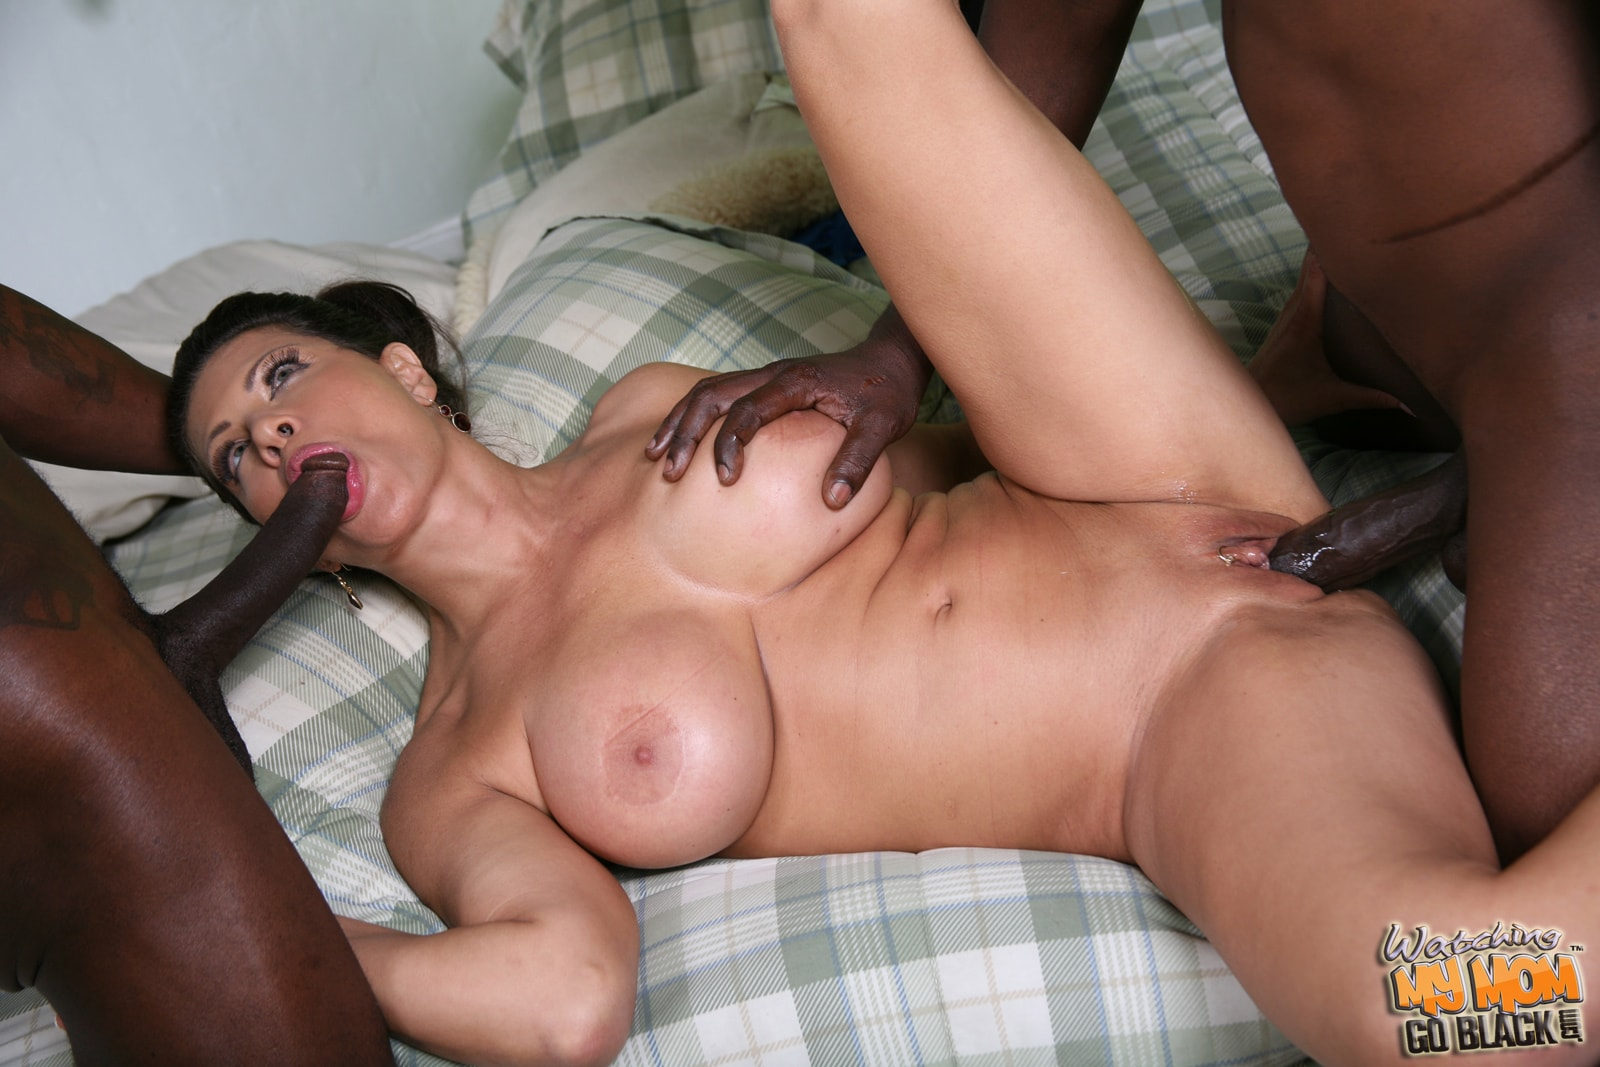 Черная мамаша порно, Черная Мамаша (найденопорно видео роликов) 4 фотография